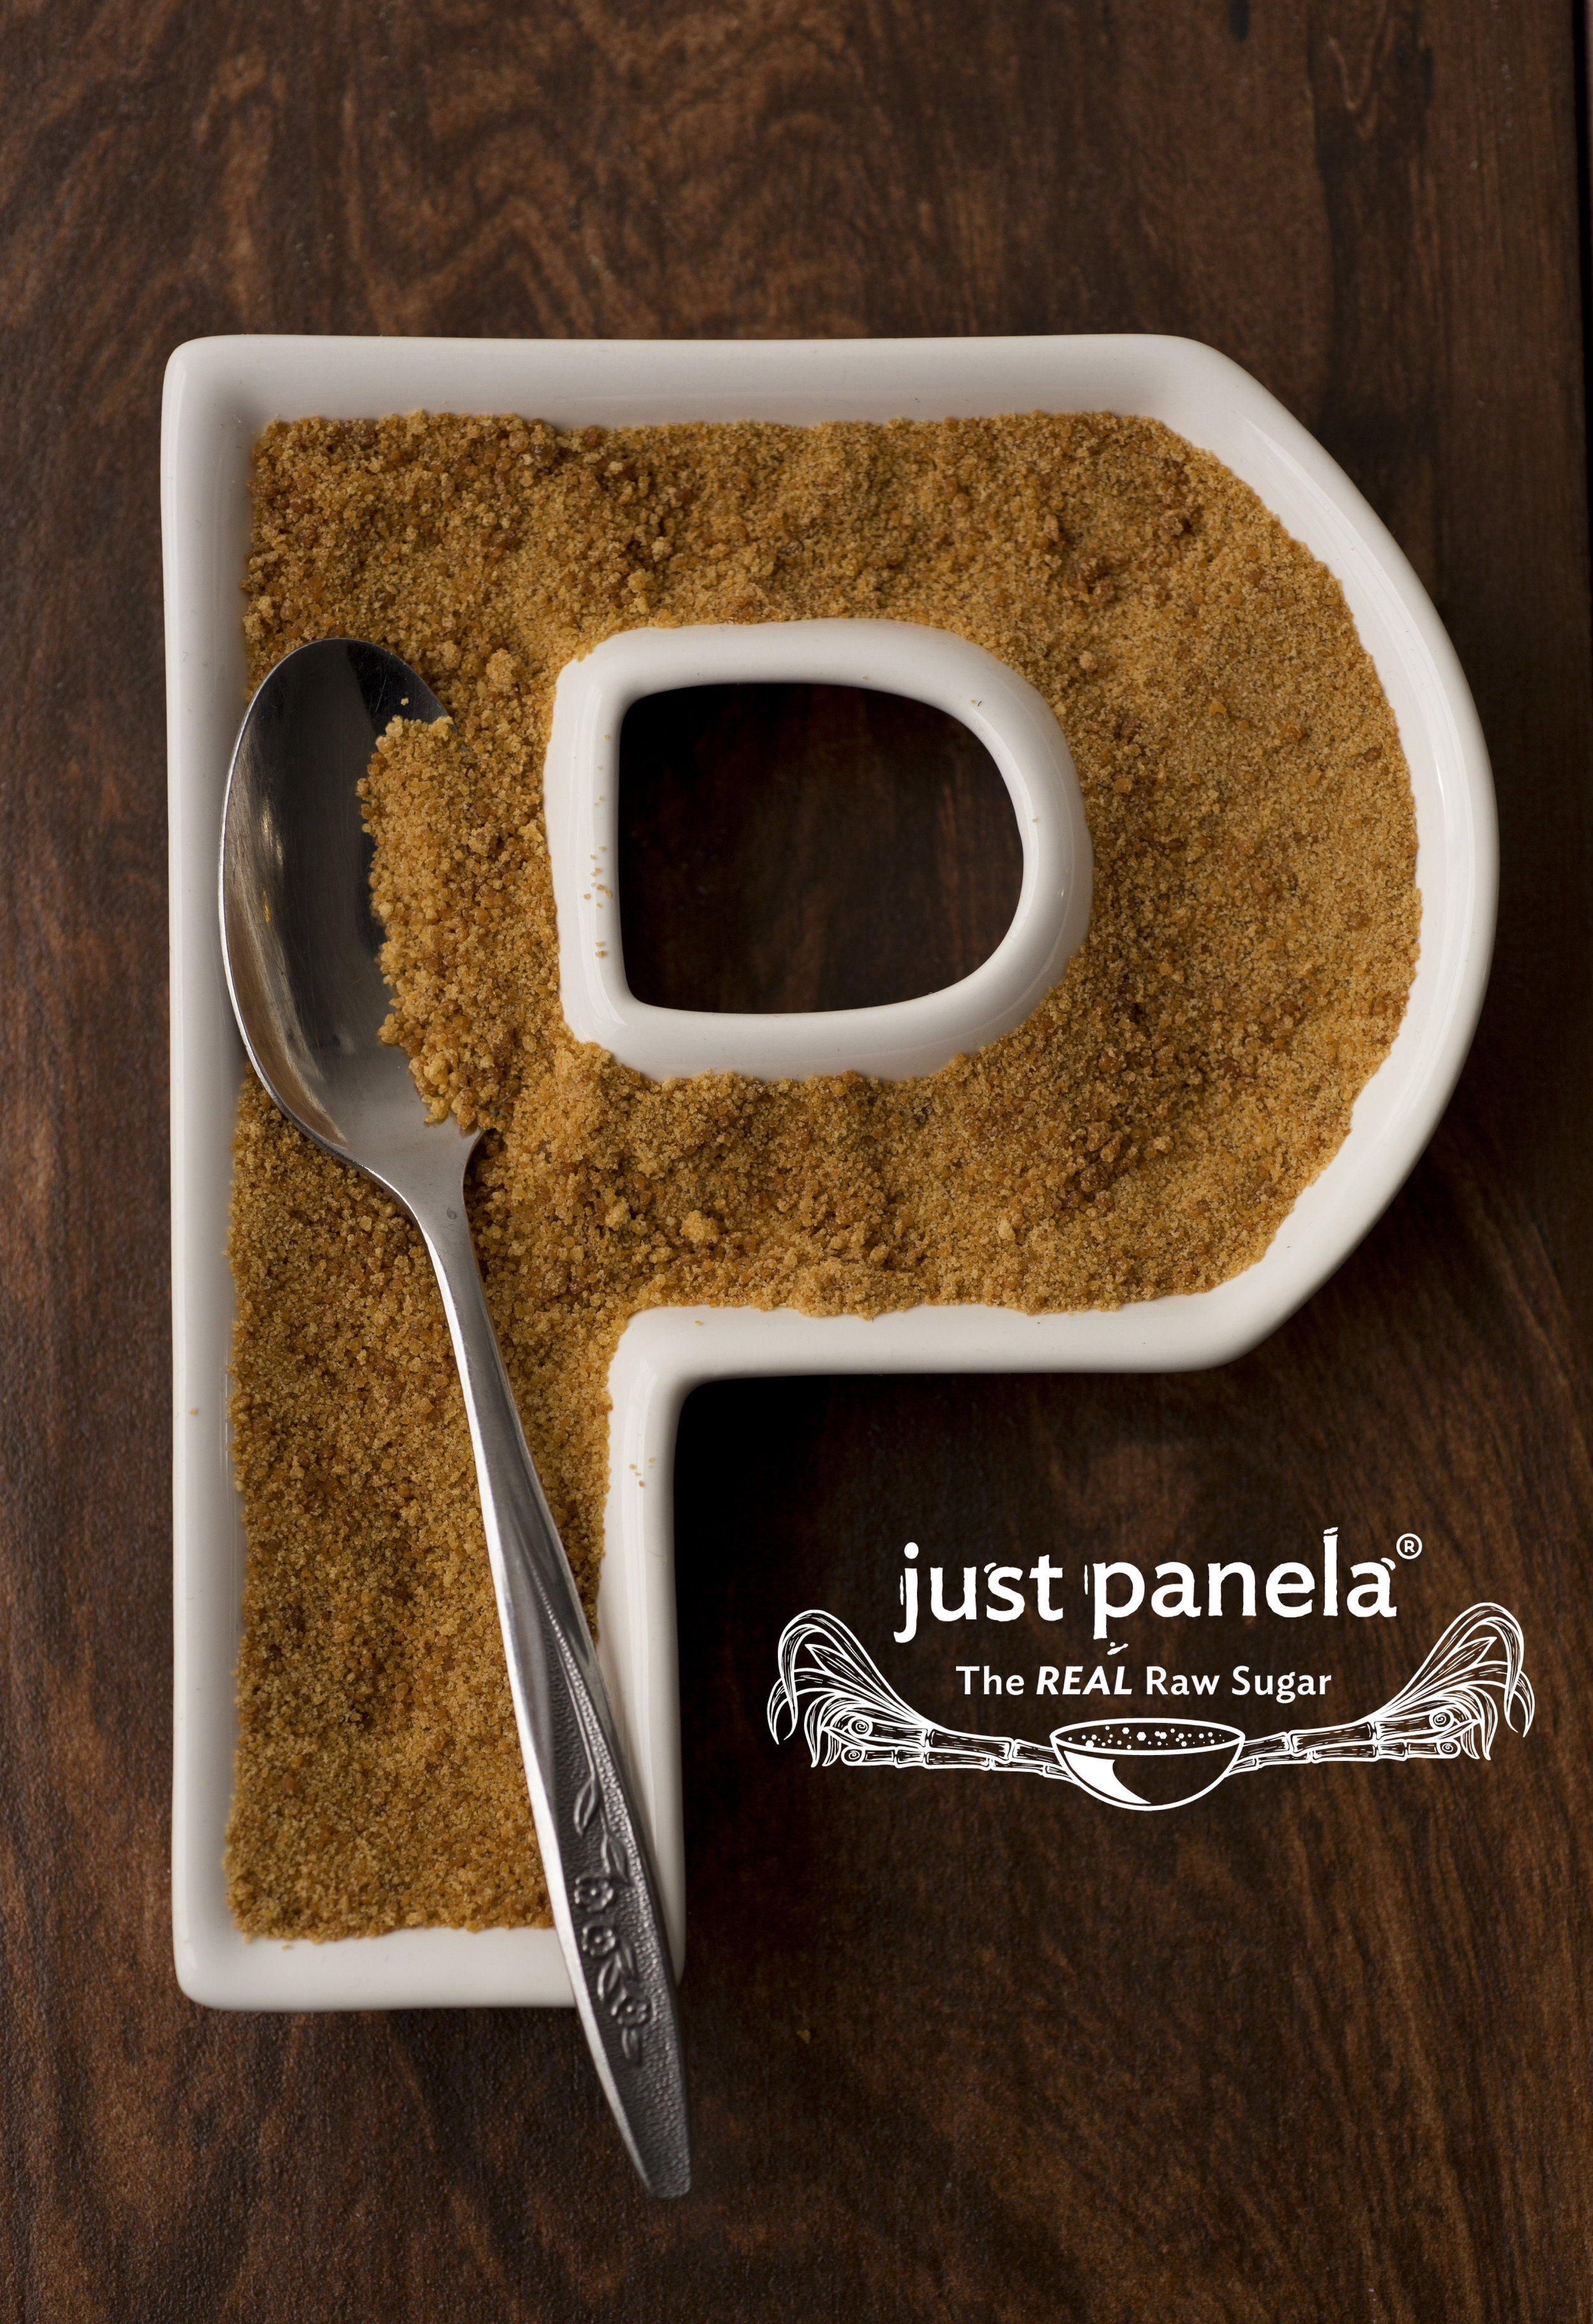 Branded P Panela.jpg